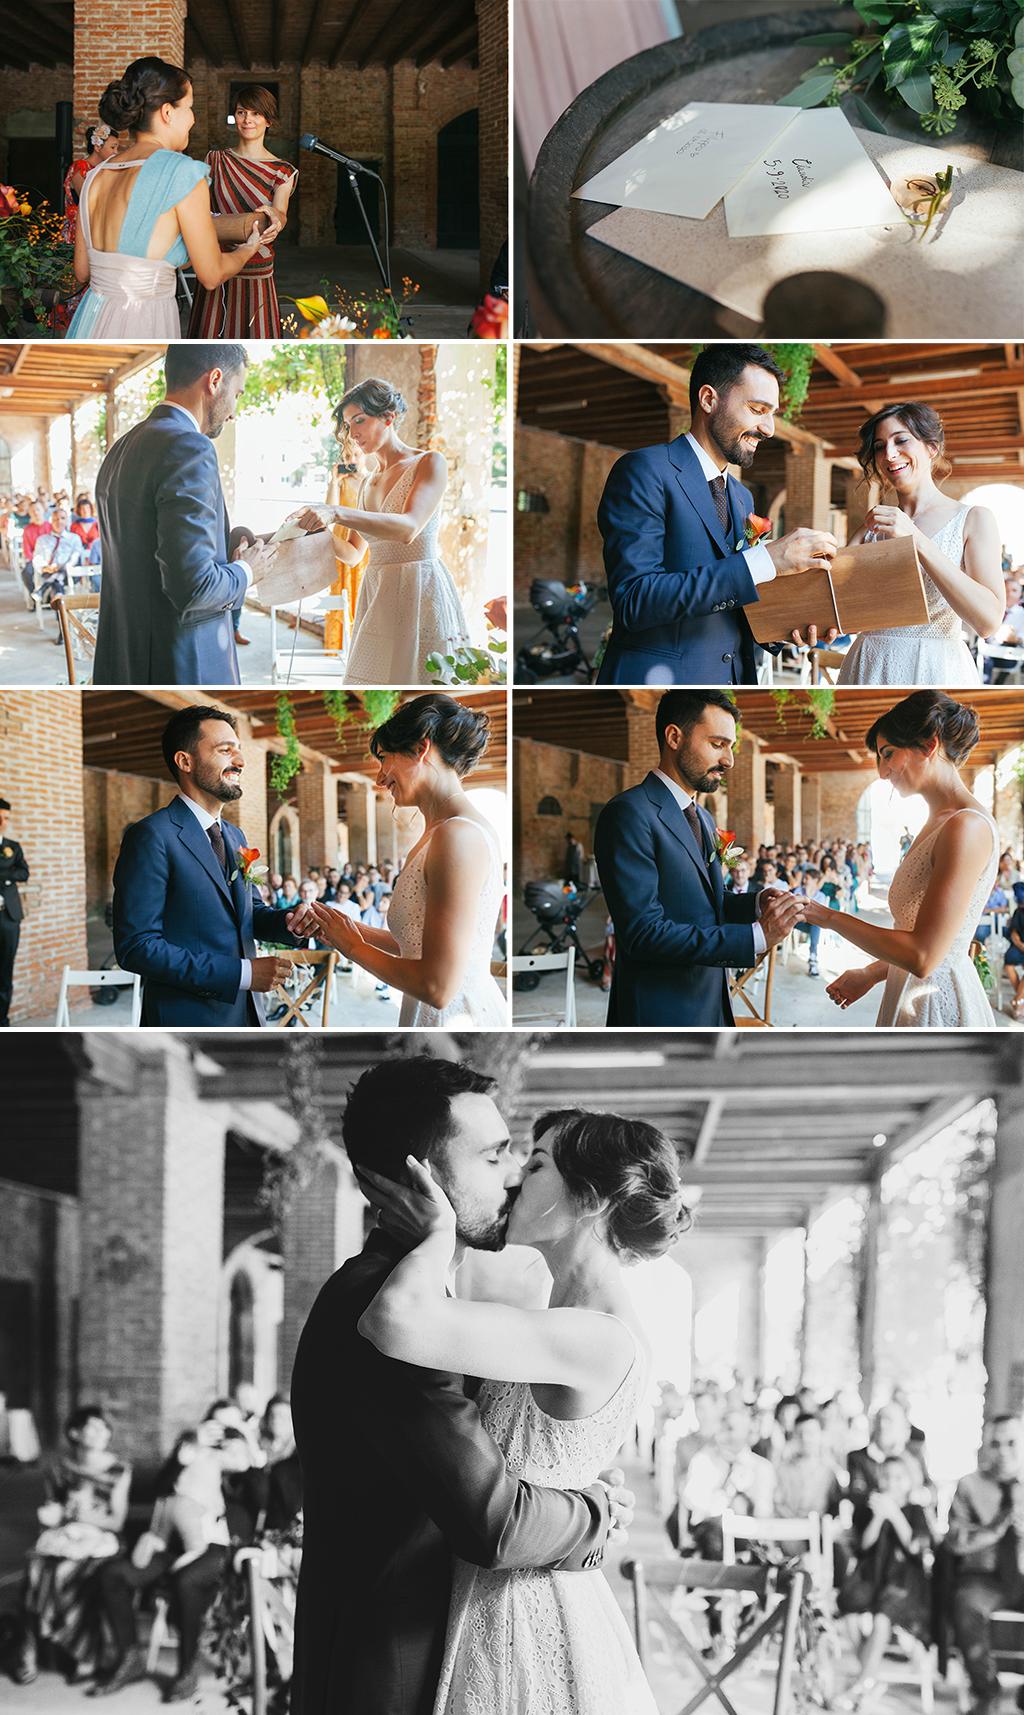 matrimonio le risare padova conegliano treviso veneto Deborah Brugnera cerimonia simbolica civile